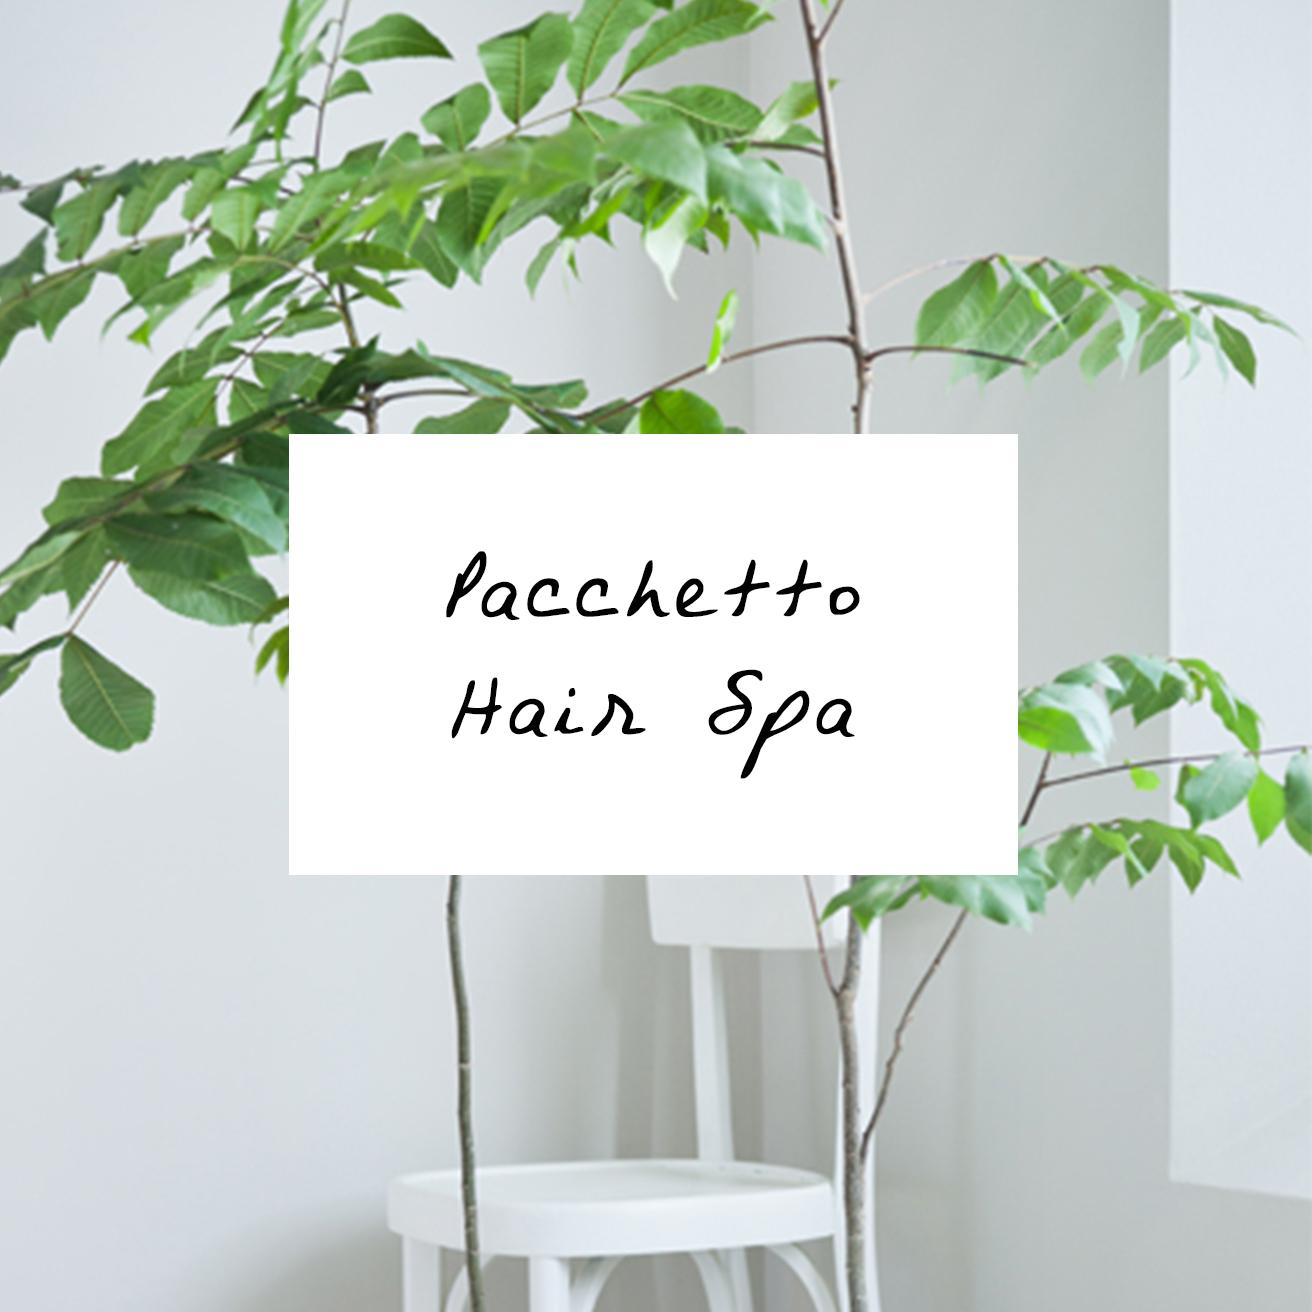 pacchetto-hair-spa